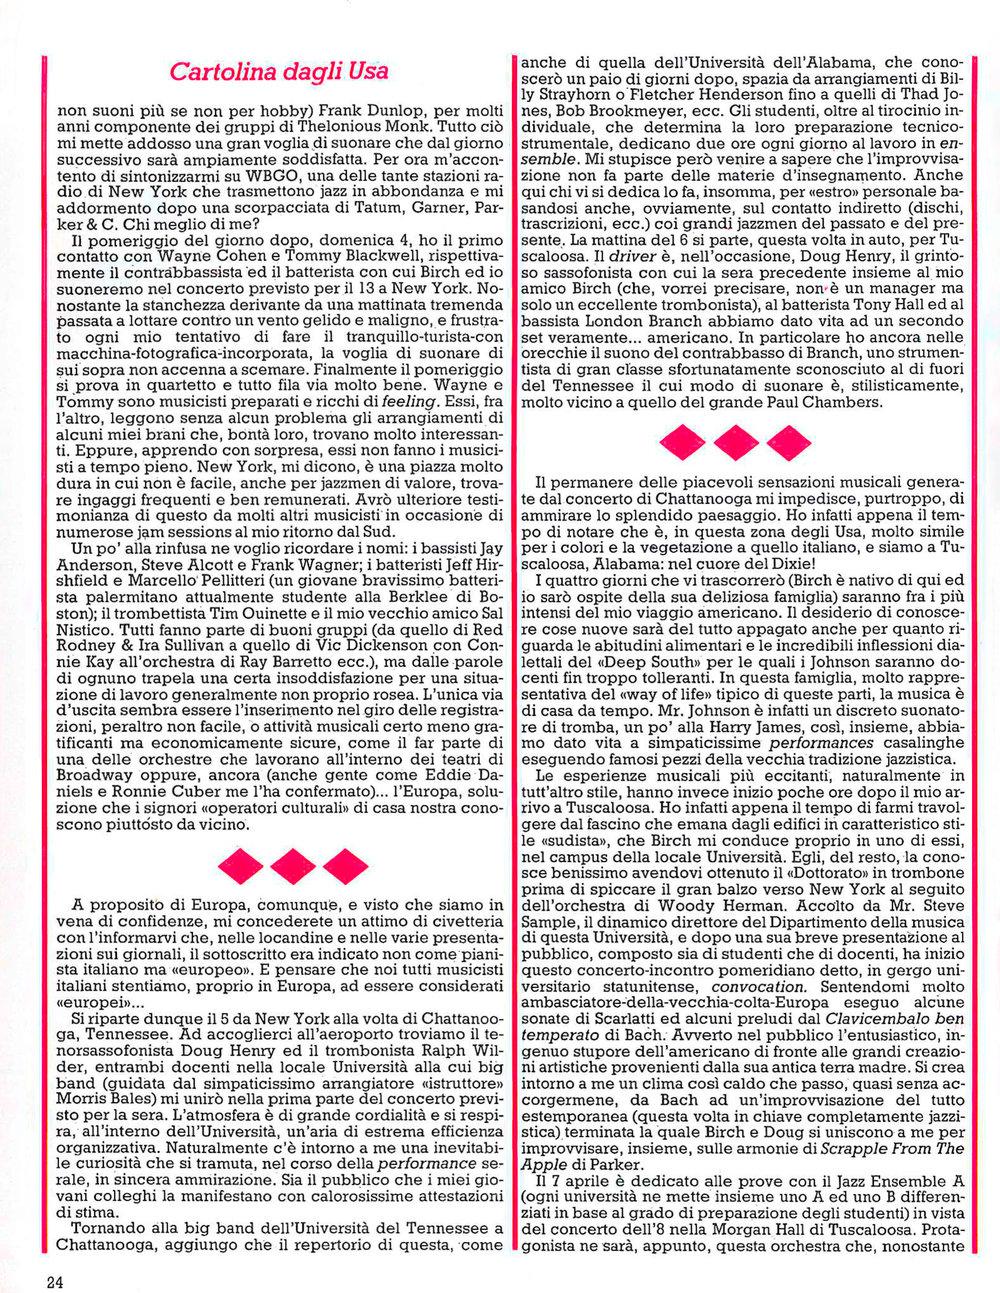 Cartolina-dagli-USA-2.jpg